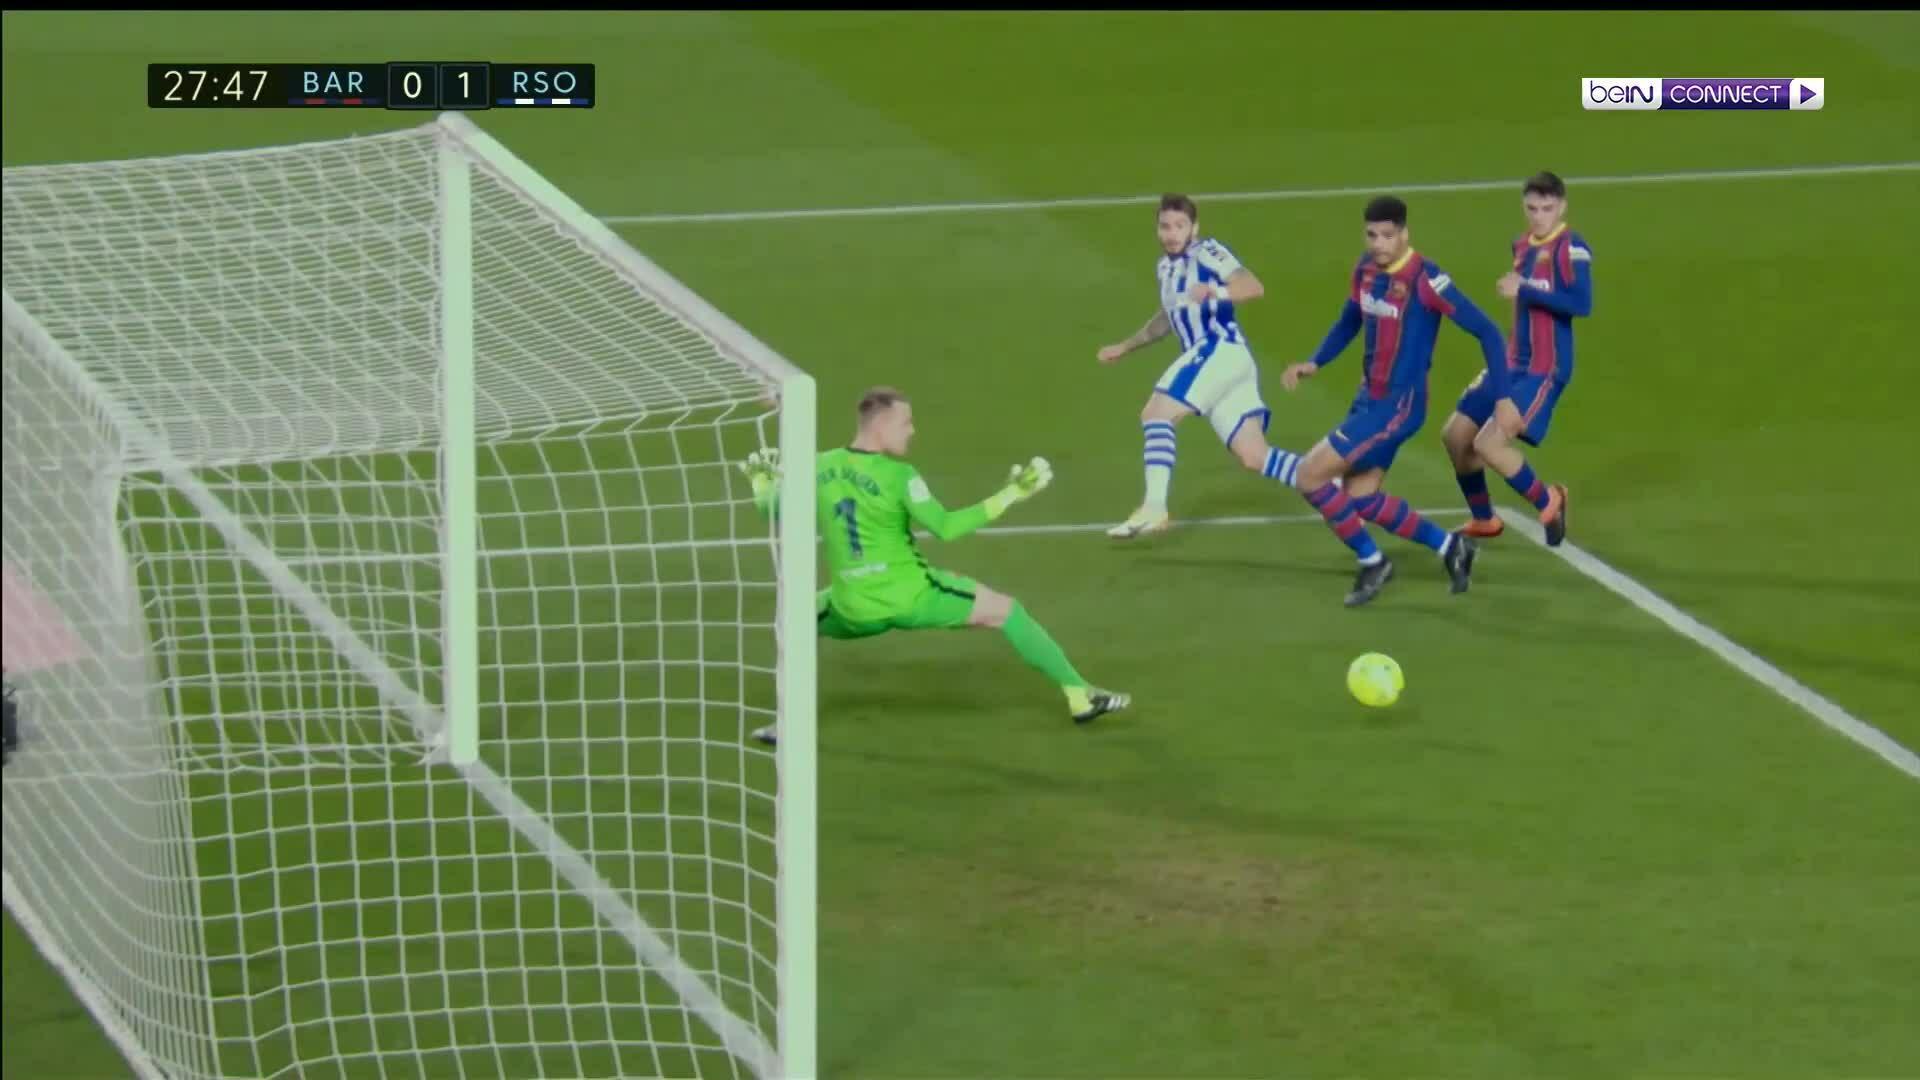 Barca 2-1 Real Sociedad